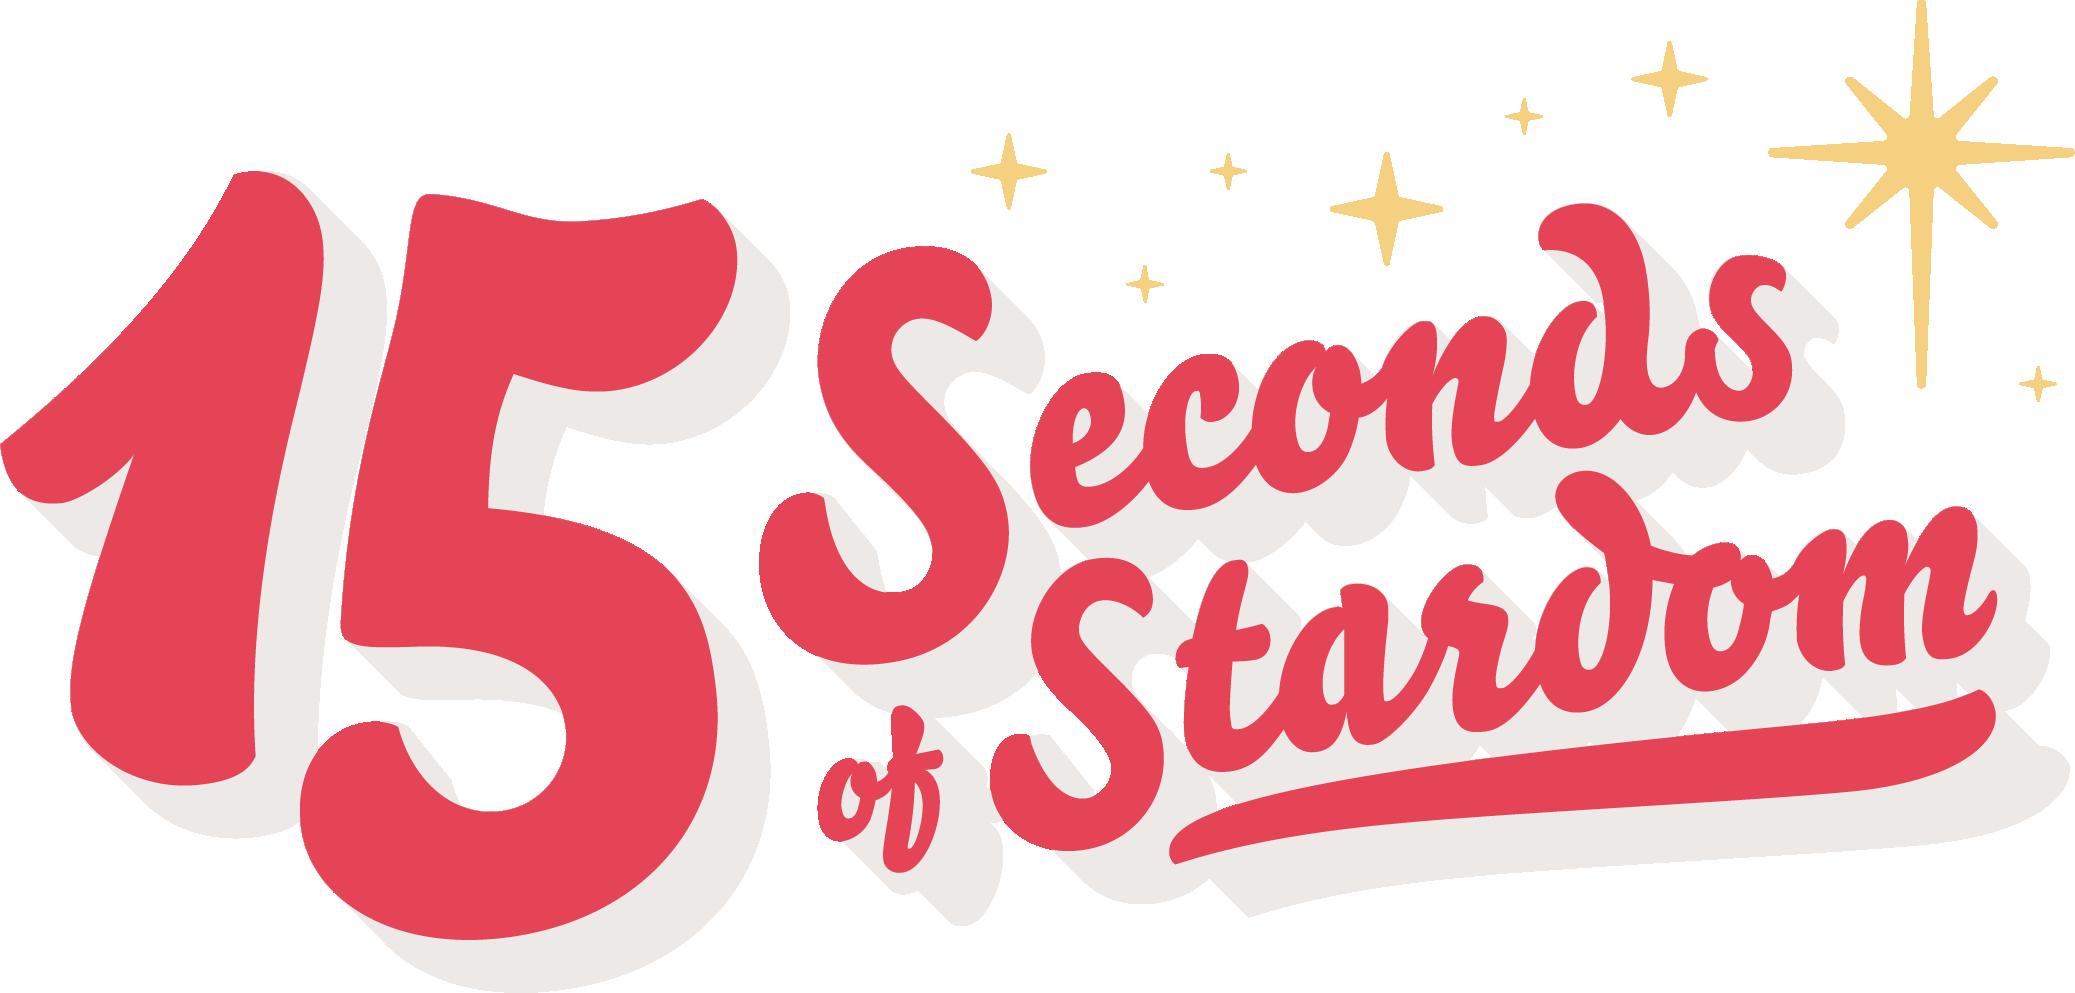 15 Seconds Logo